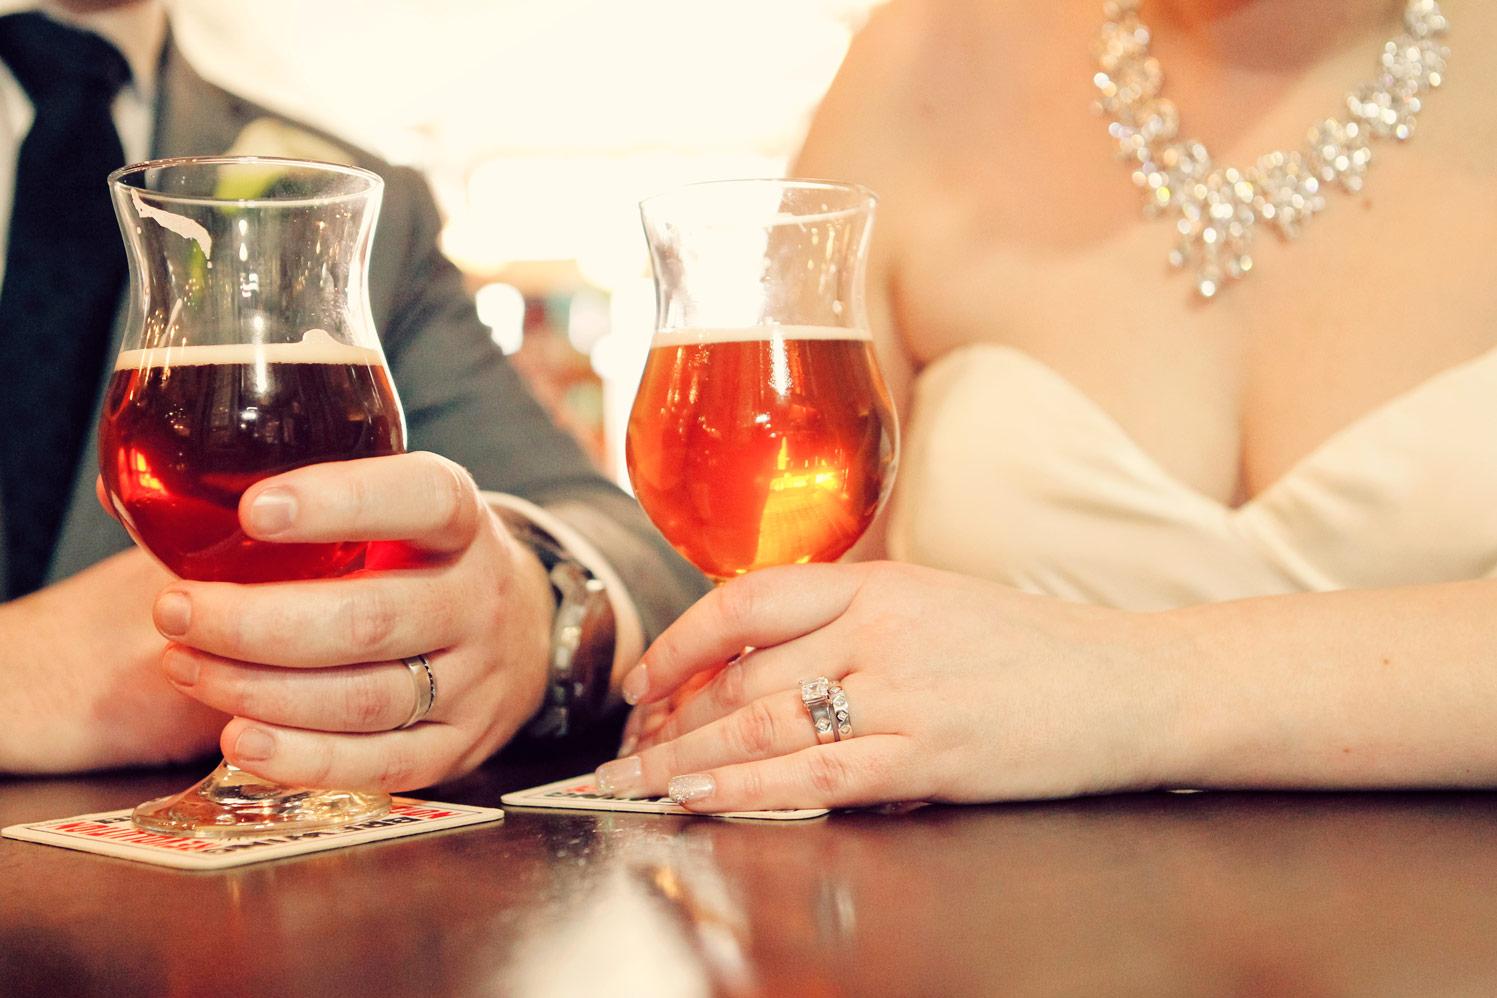 revolution-brewing-chicago-blackhawks-wedding-ruthie-hauge-photography-55.jpg